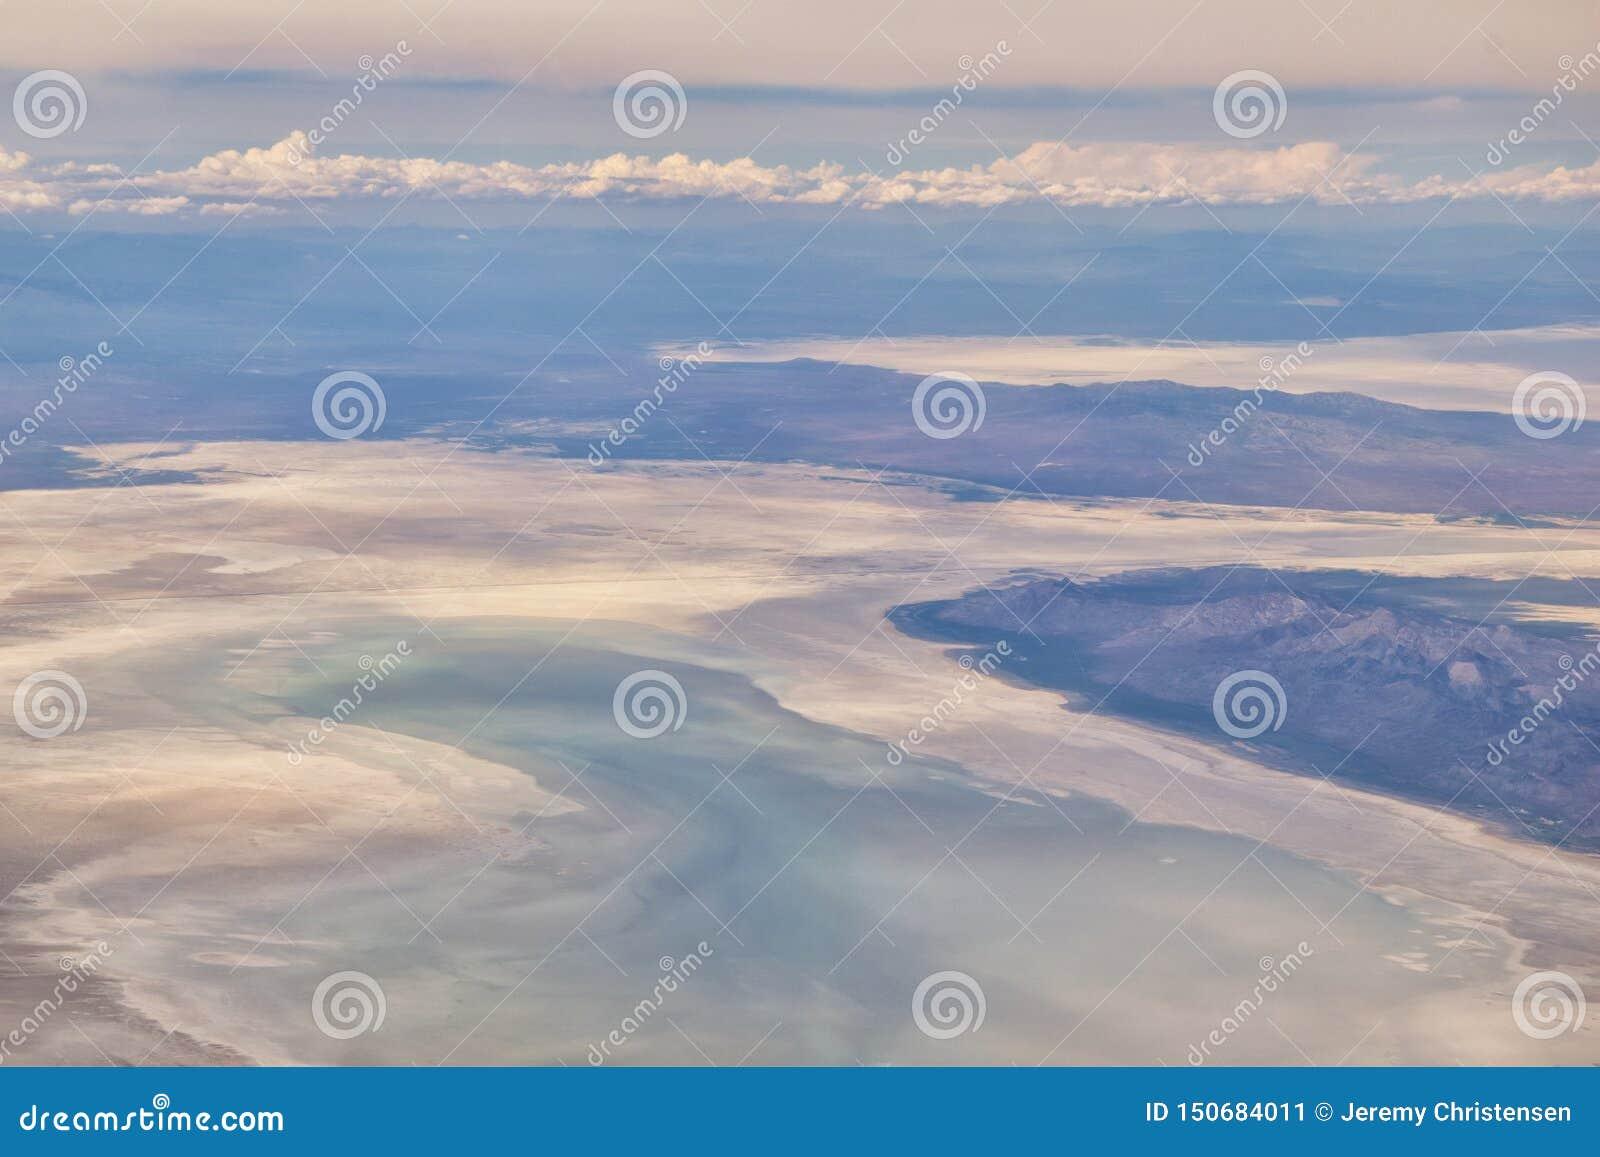 S?o?ce dolina, borsuka jar w Sawtooth g?r lasu pa?stwowego krajobrazu panoramy widokach od ?lad zatoczki drogi w Idaho